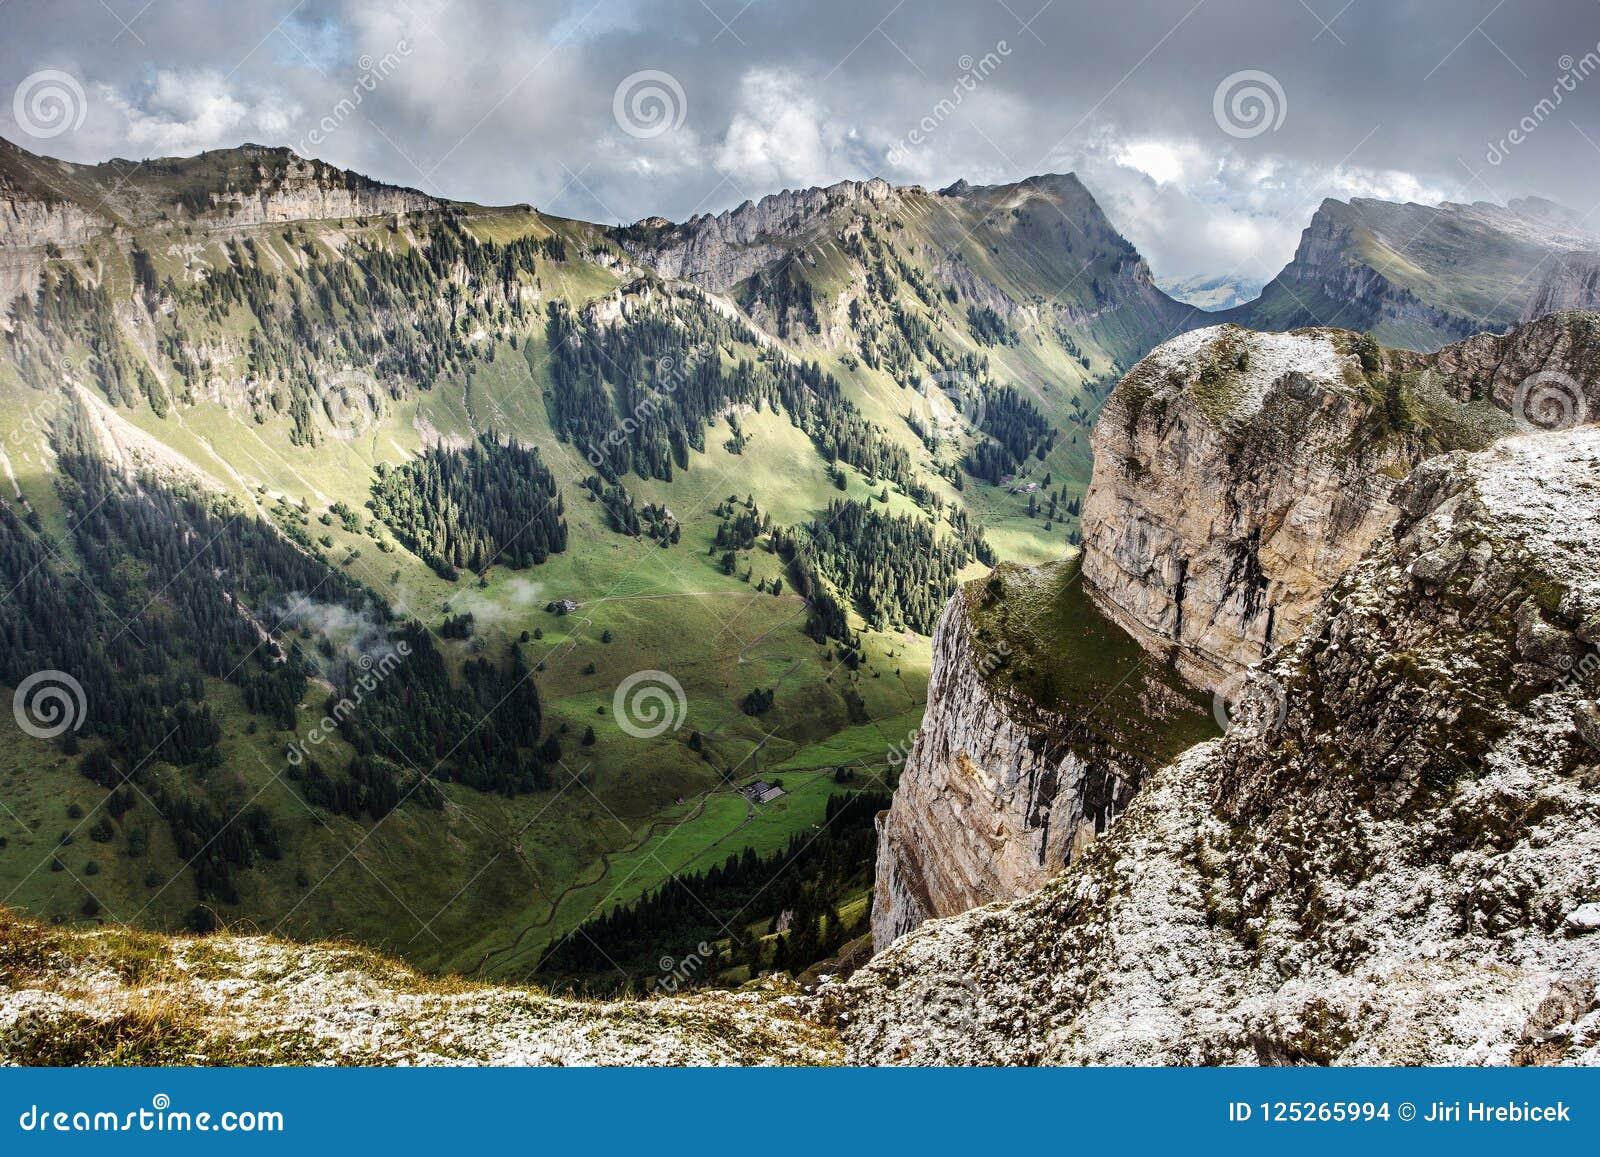 Bernese Alps from the top of Niederhorn in summer, Canton of Bern, Switzerland, wallpaper